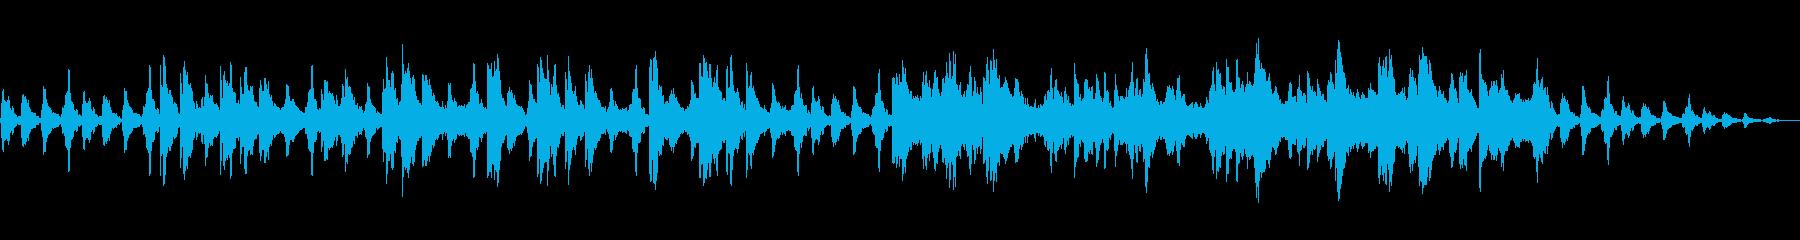 ピアノとコーラスで不思議な世界の作品の再生済みの波形